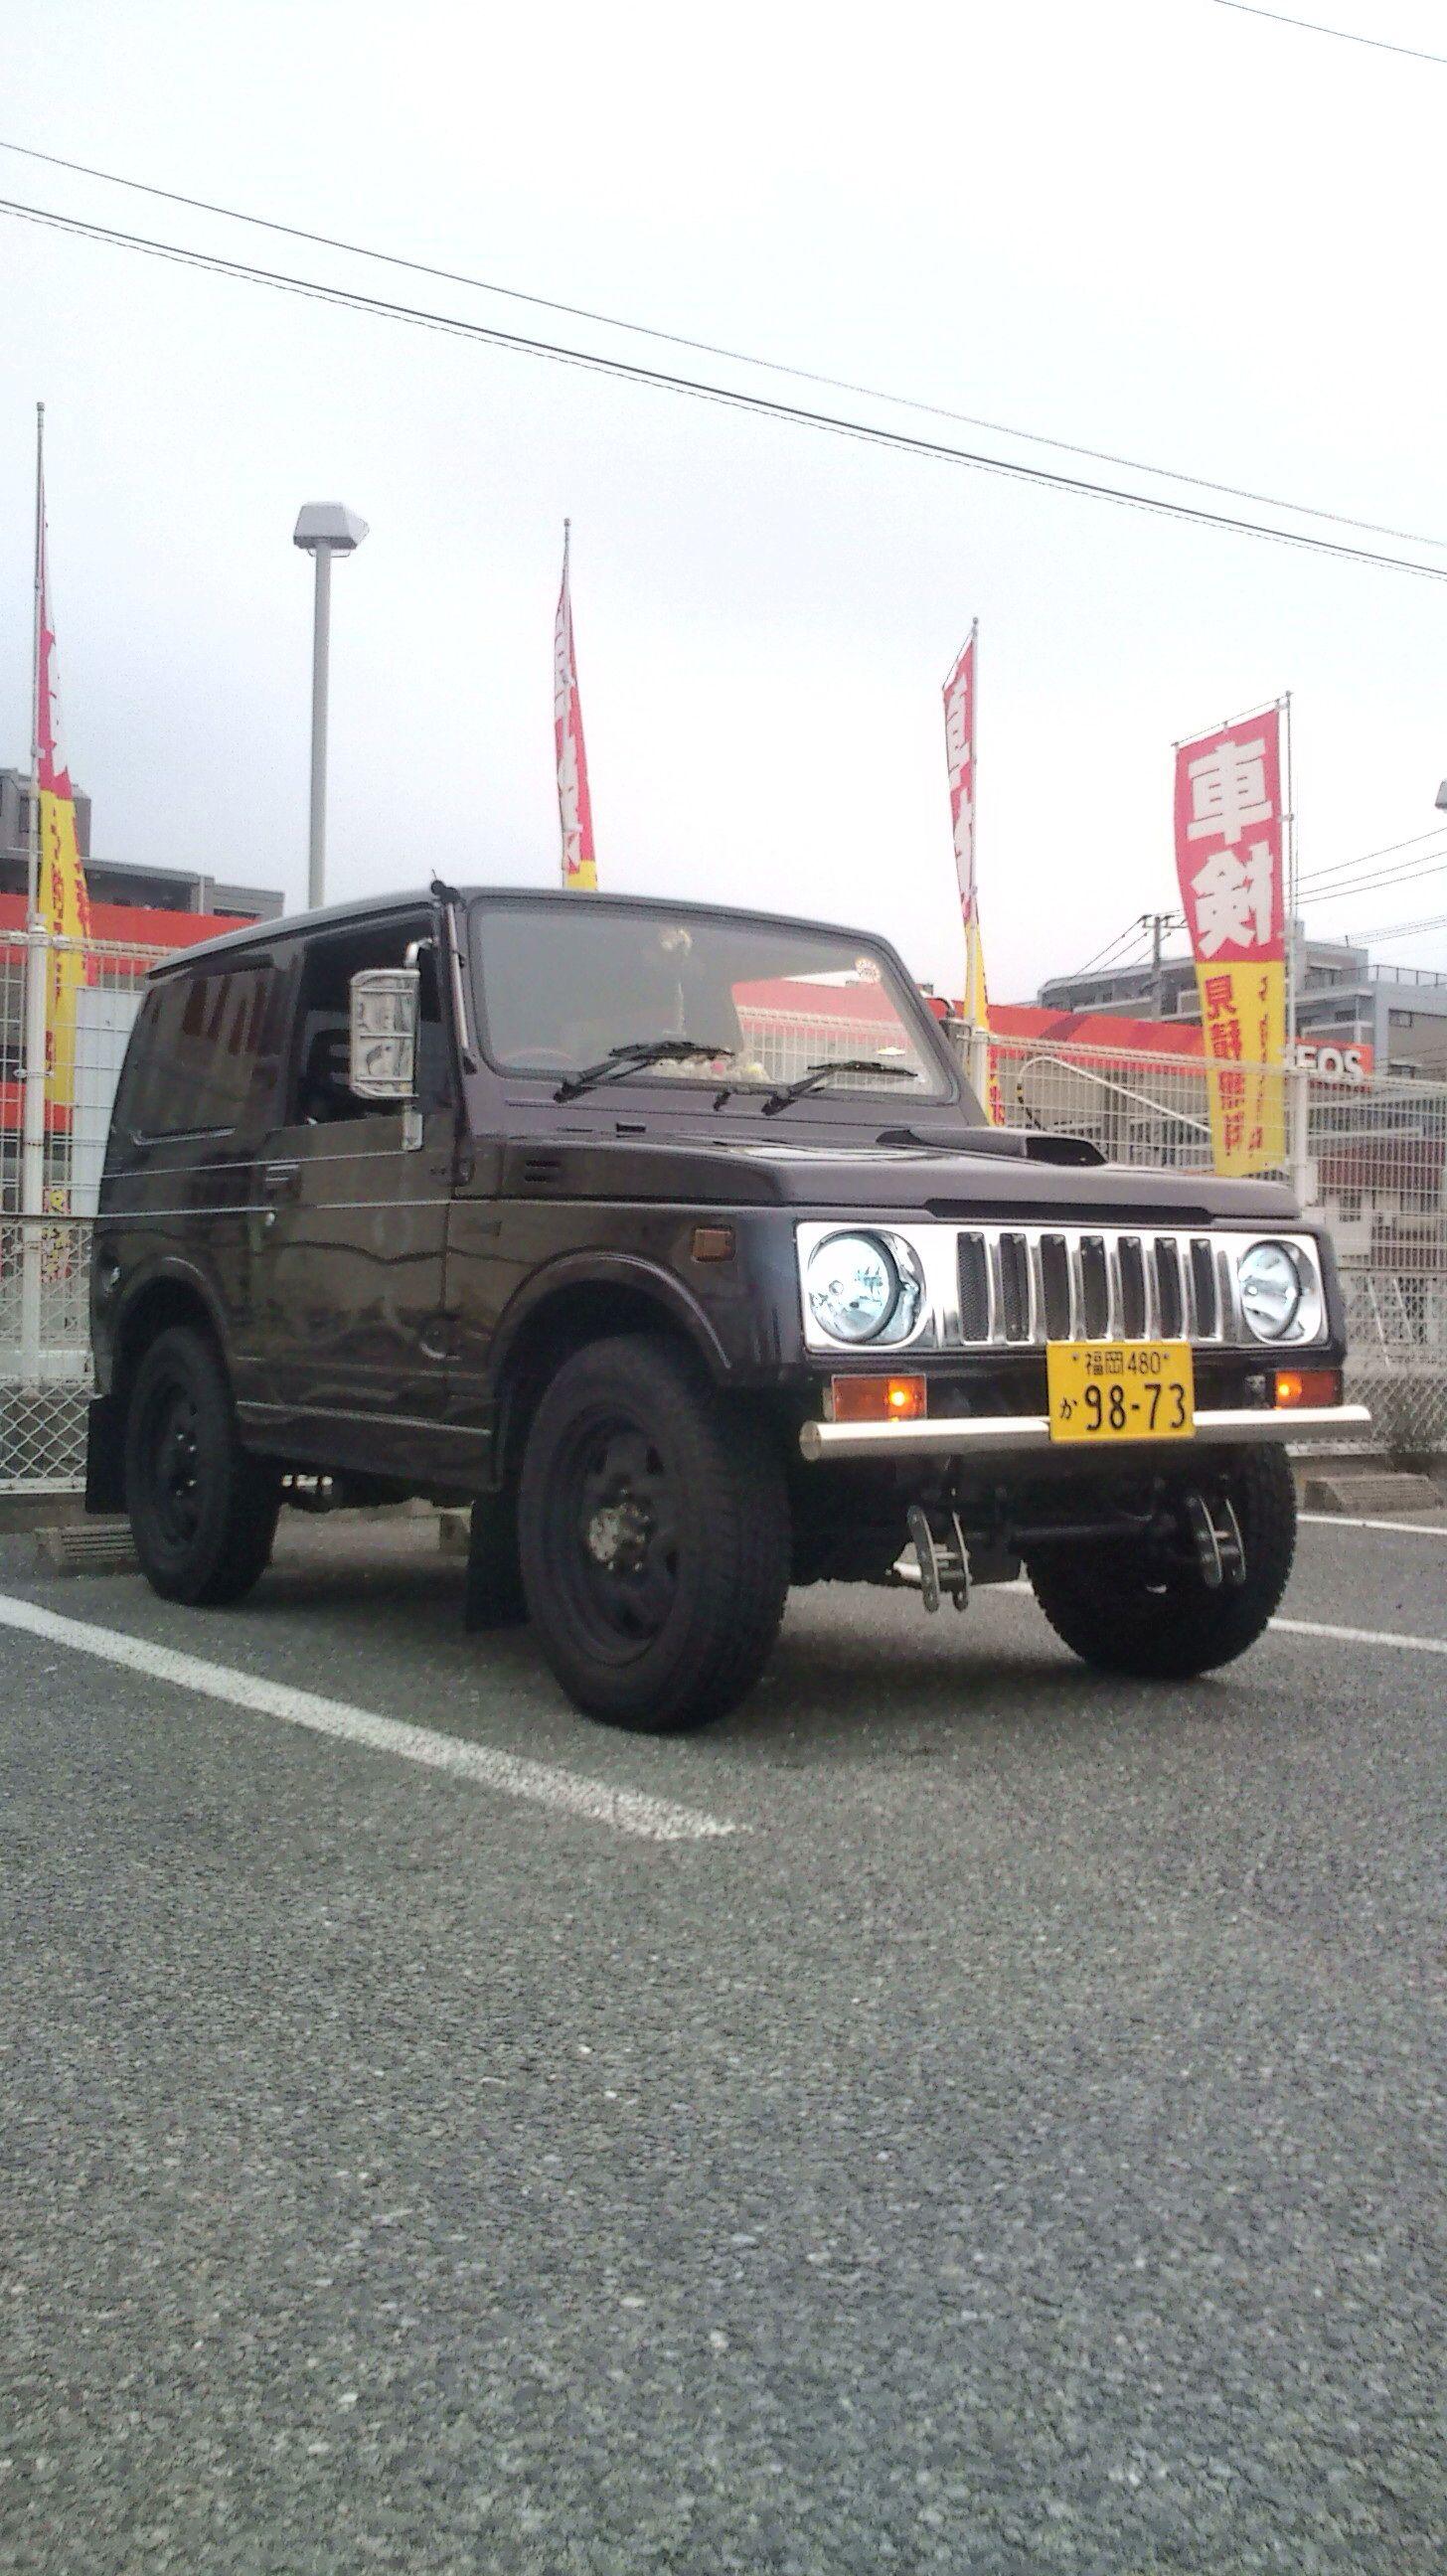 Suzuki Jimny Ja11 Cars 車 ジムニー 乗り物